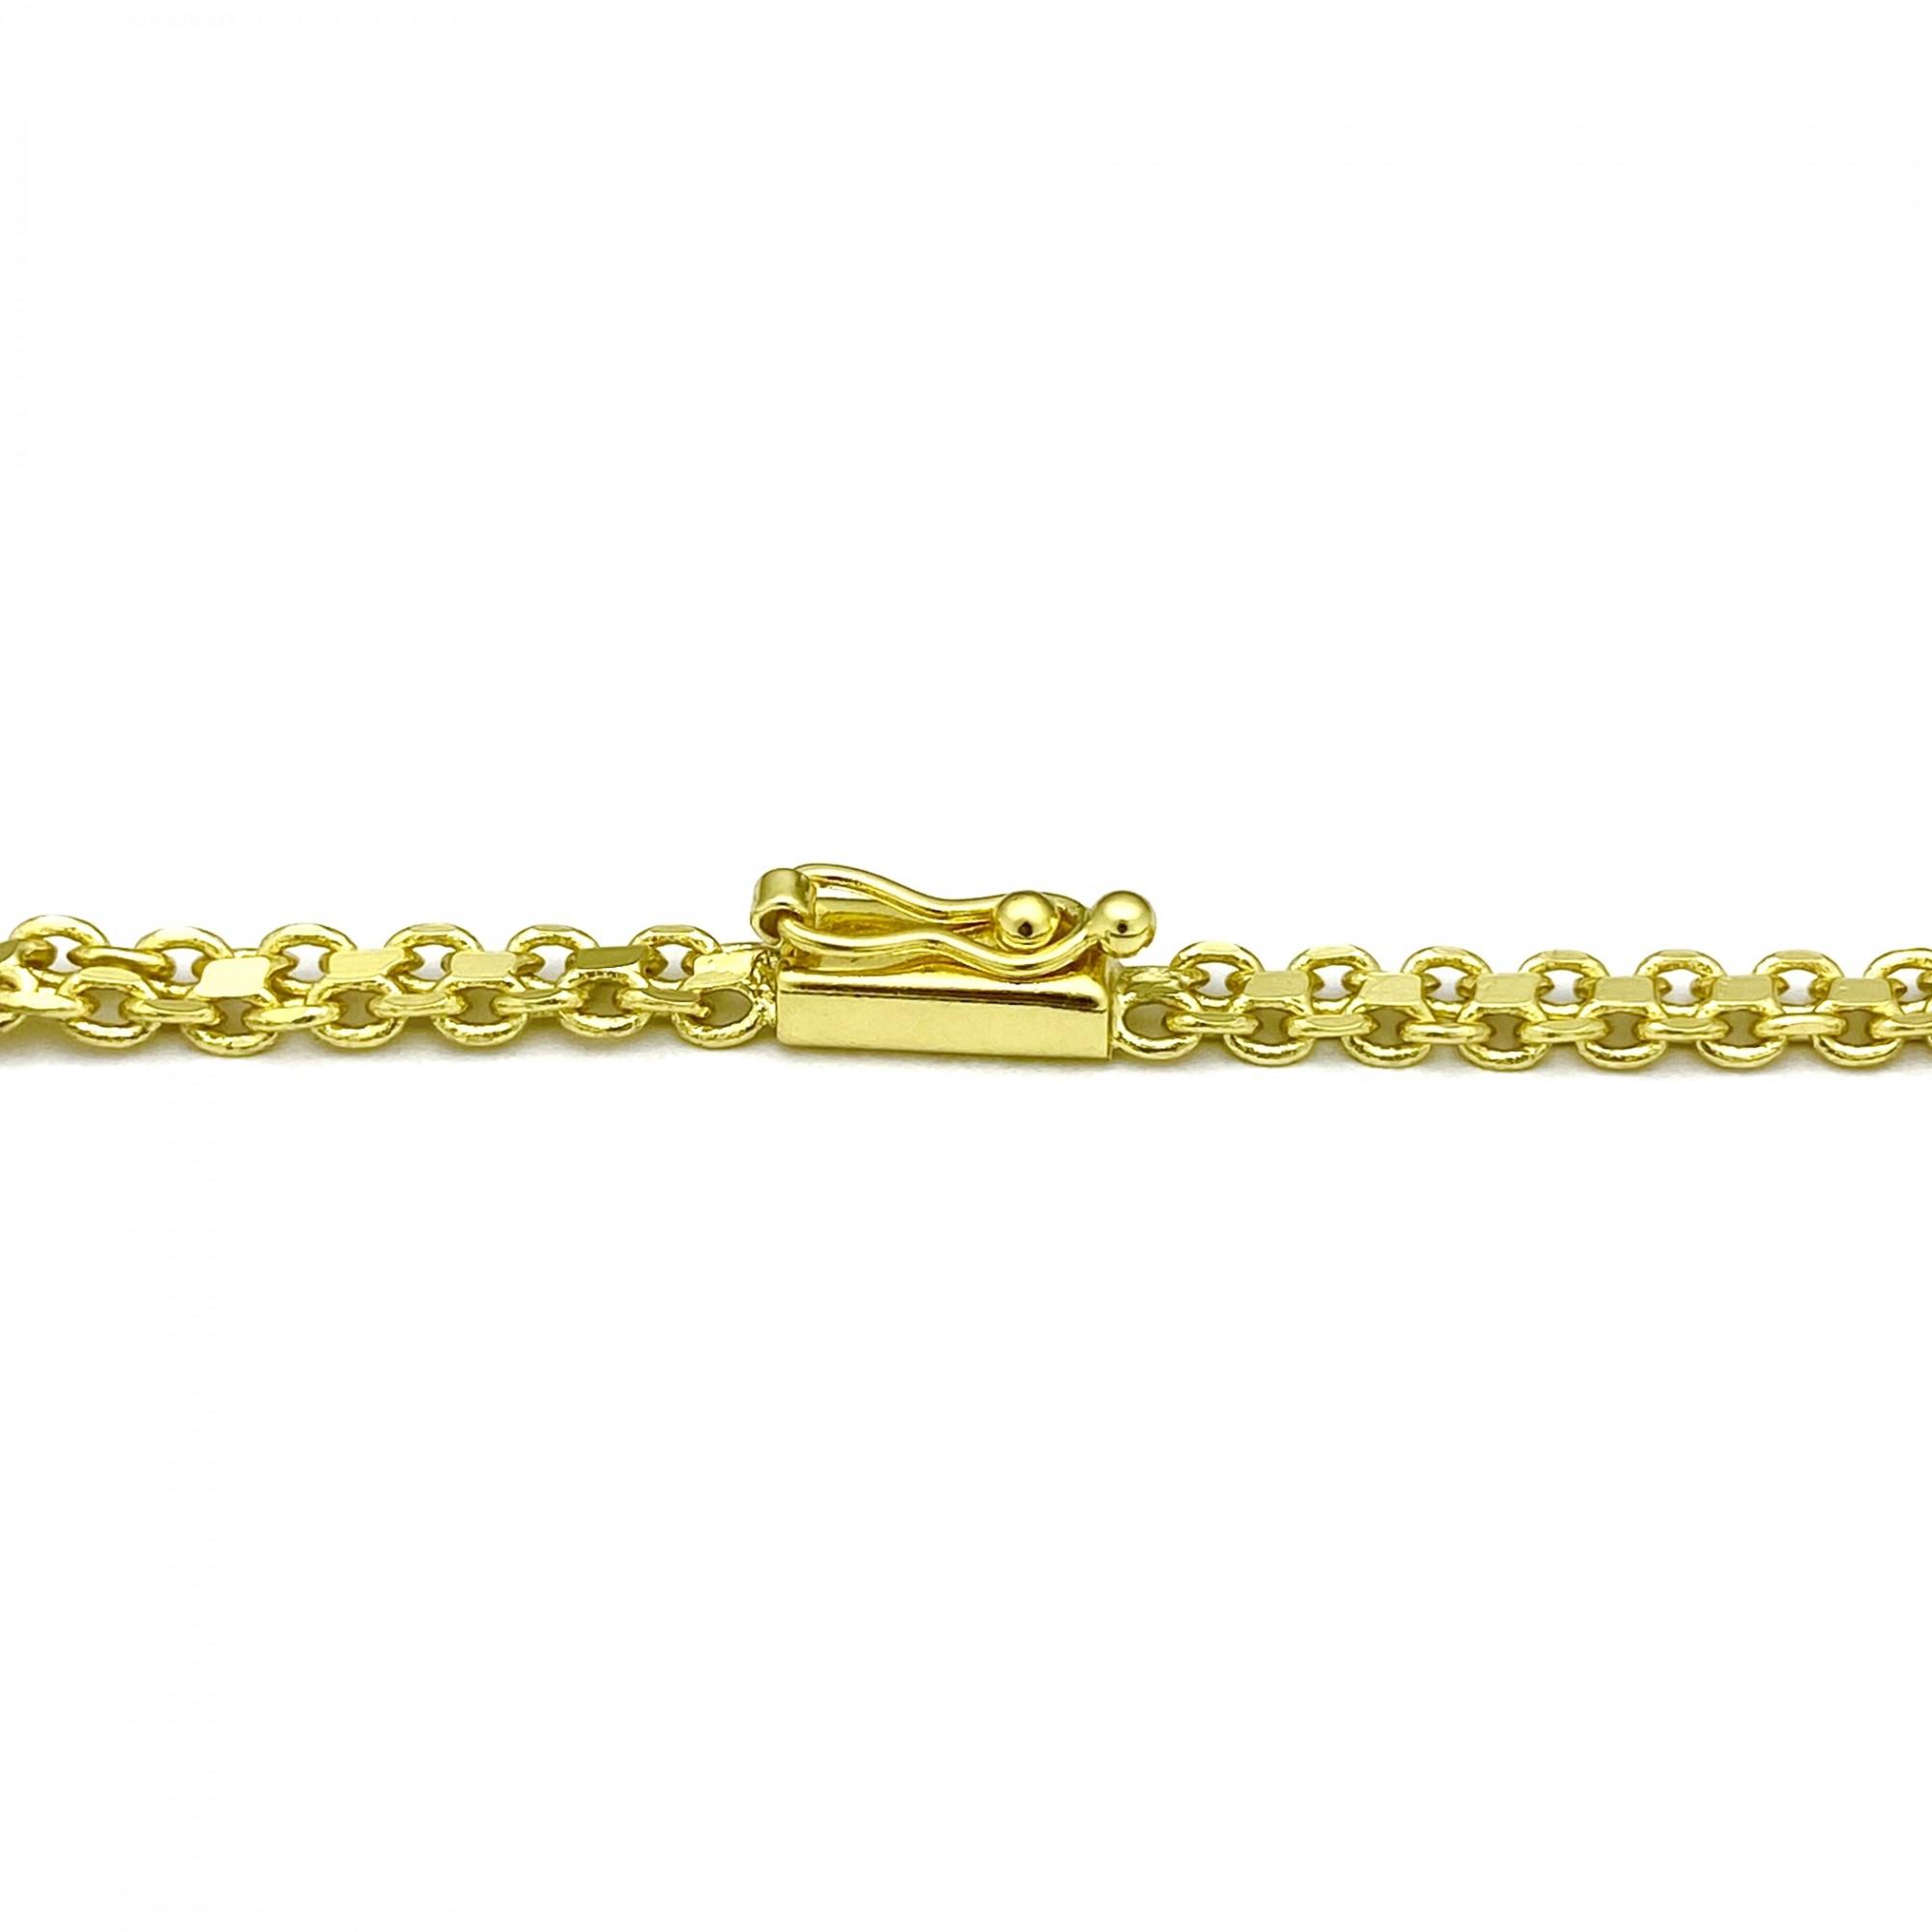 Corrente Cadeado Duplo 5mm 60cm 21g (Fecho Gaveta) (Banho Ouro 18K)